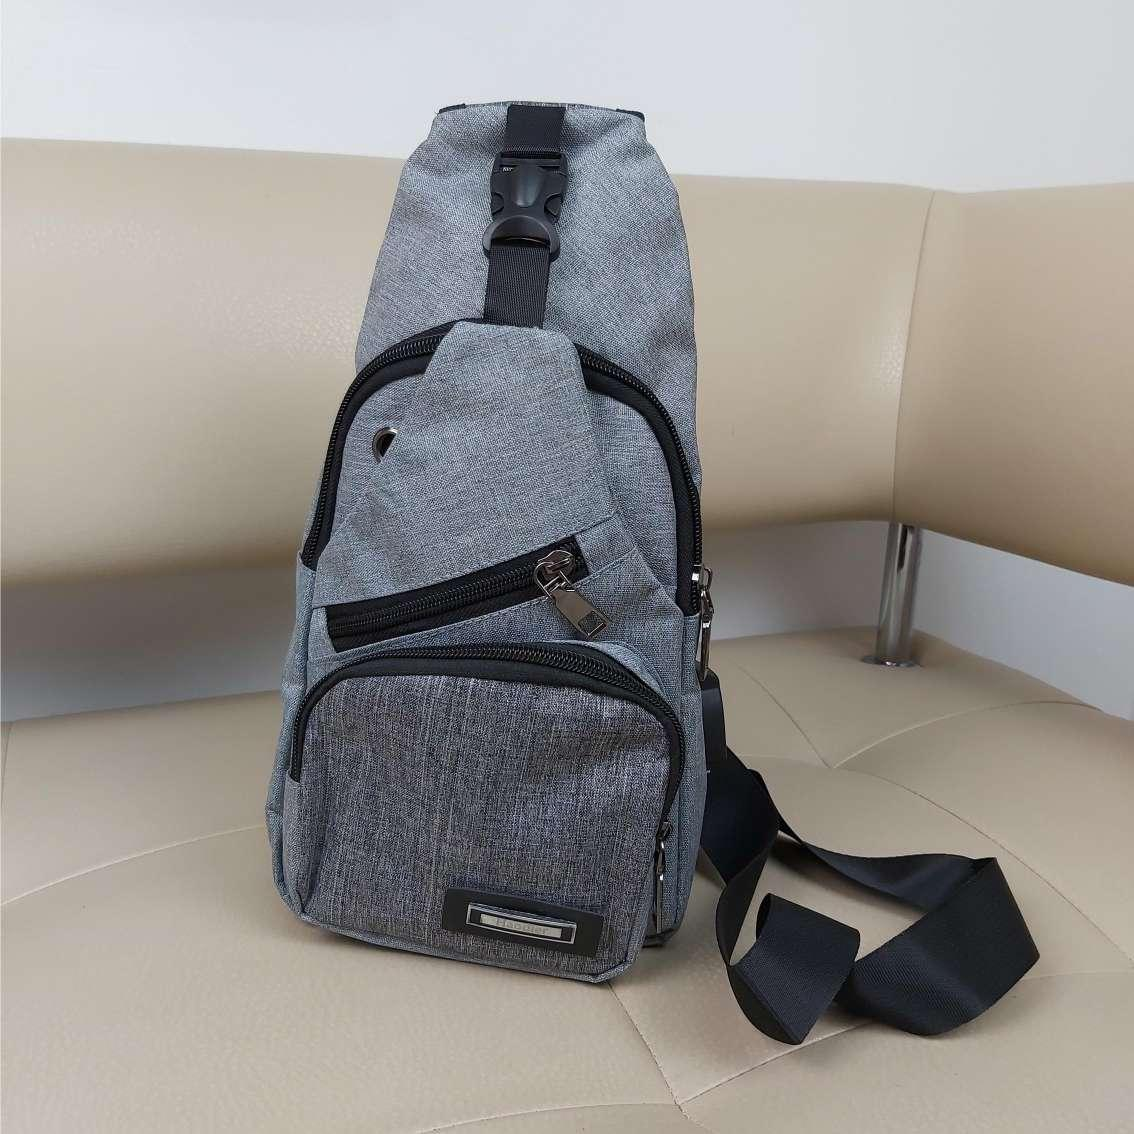 Однолямочный рюкзак-бананка для подростков 32*18,5*12 см